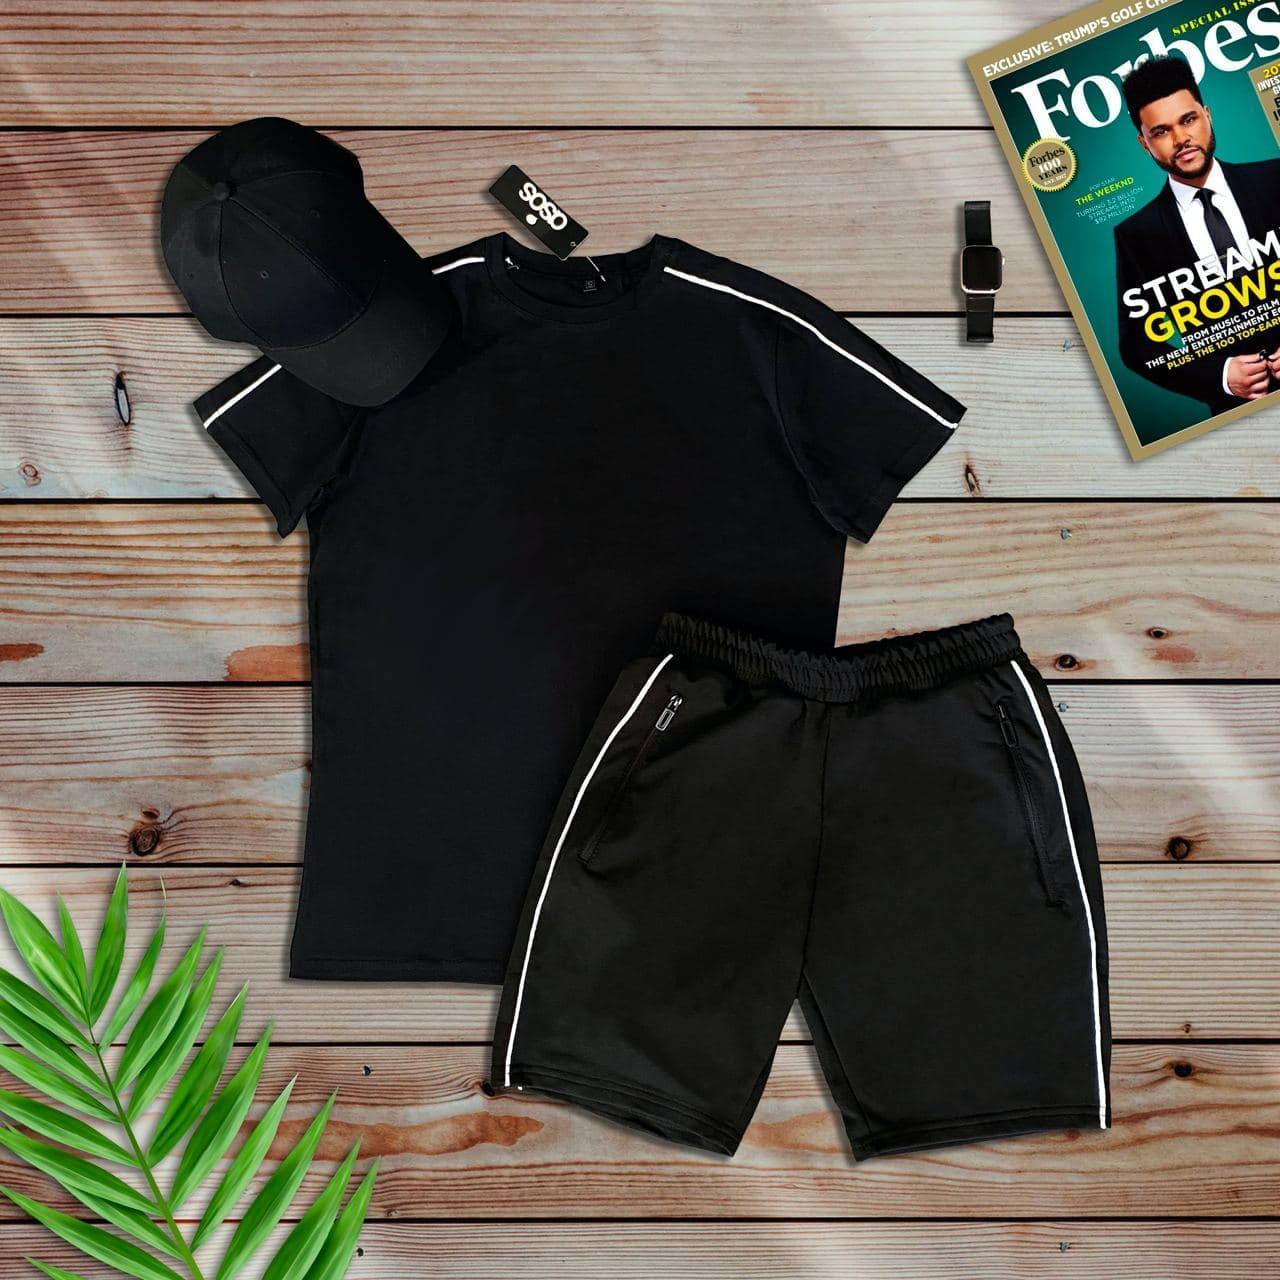 Комплект спортивный (шорты + футболка) черный. Мужской спортивный костюм футболка + шорты черного цвета.